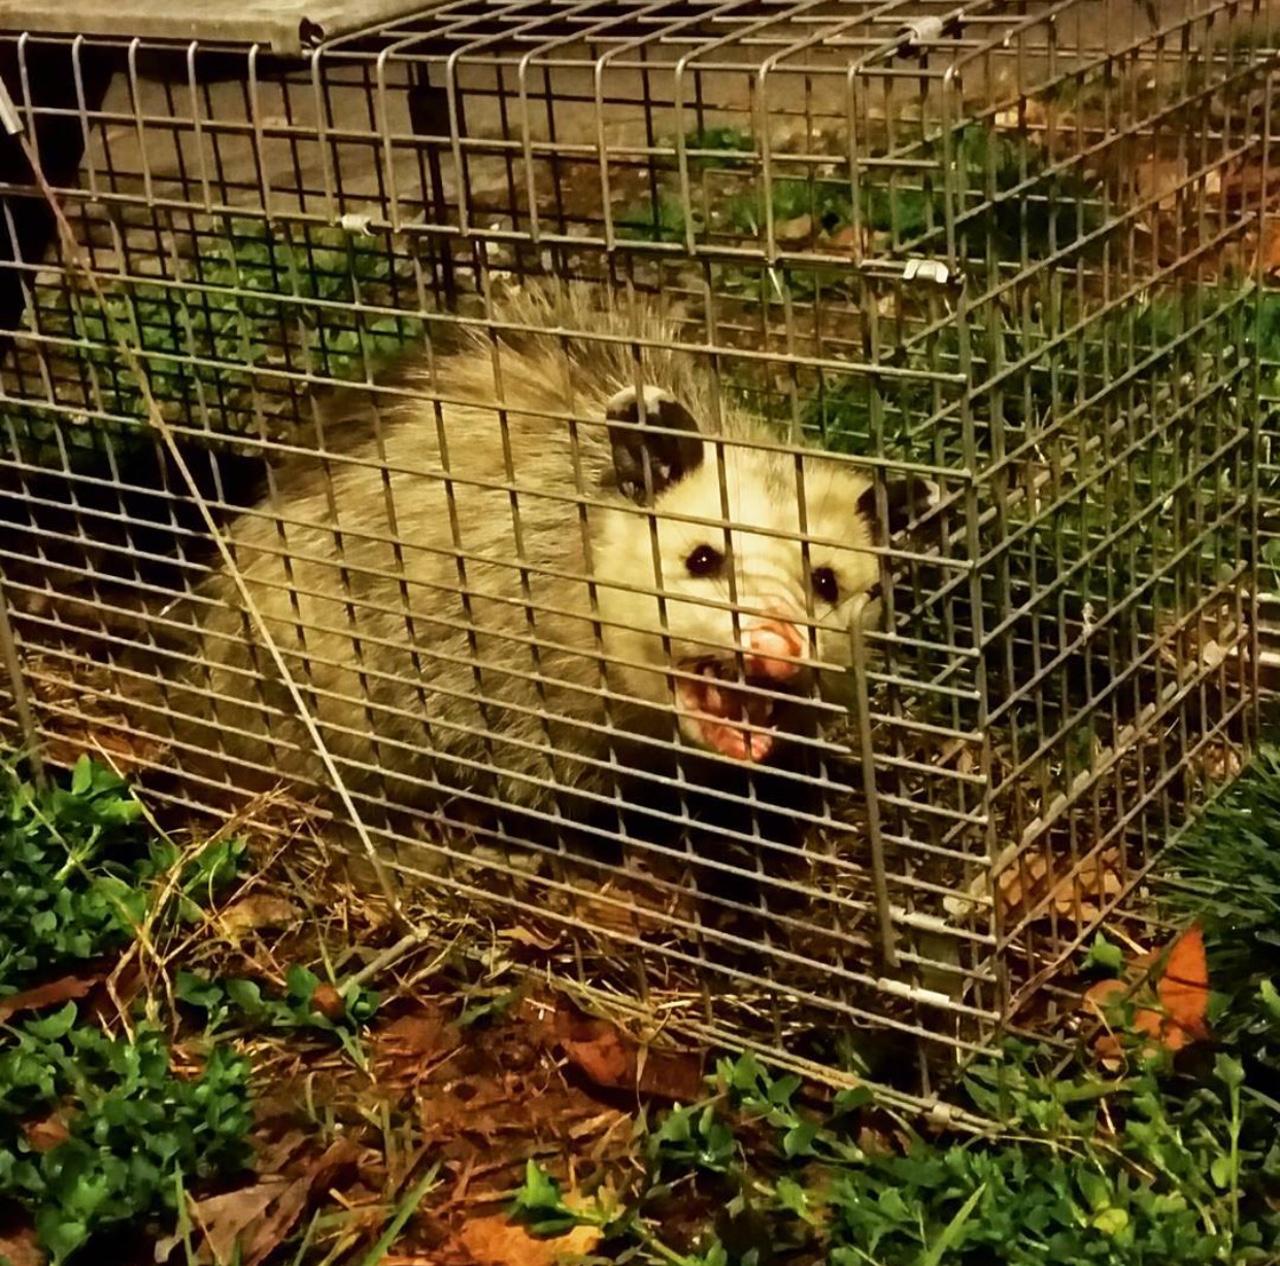 opossum removal attic